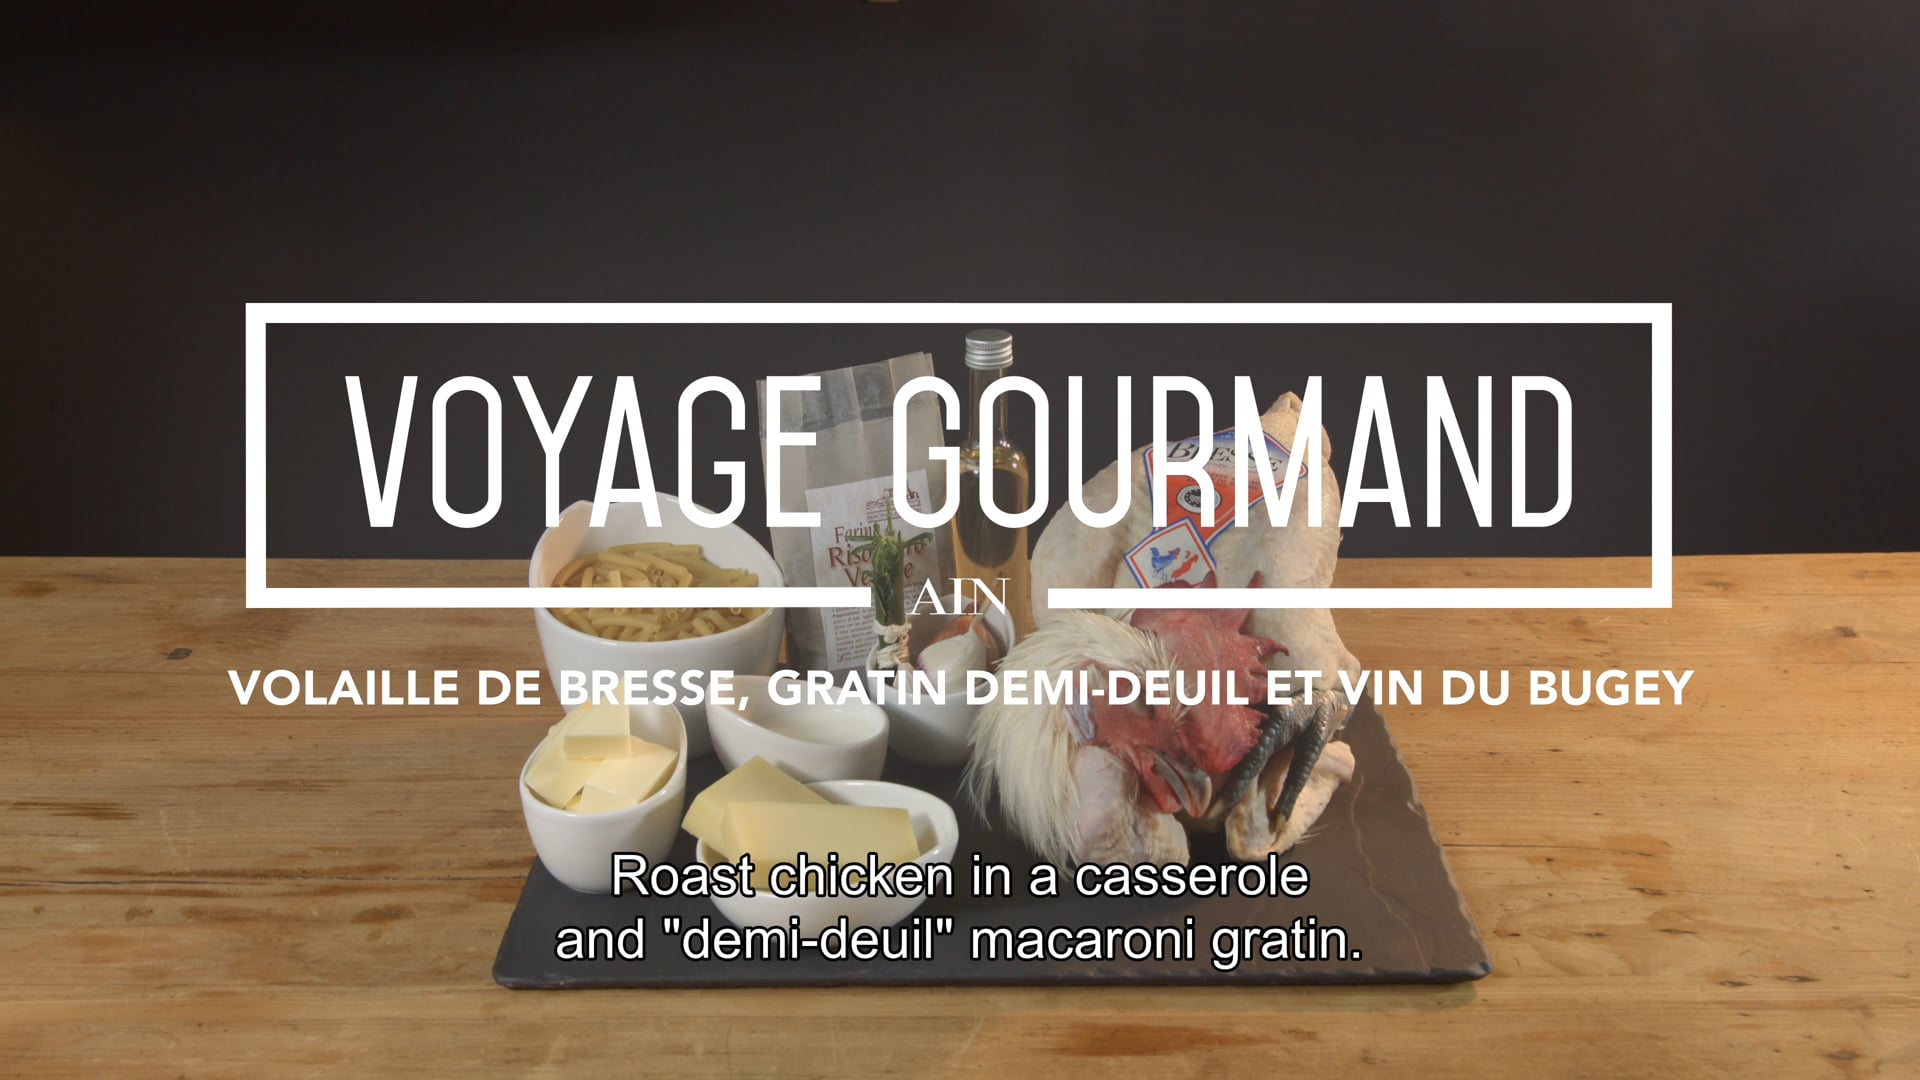 Voyage Gourmand – La volaille de Bresse